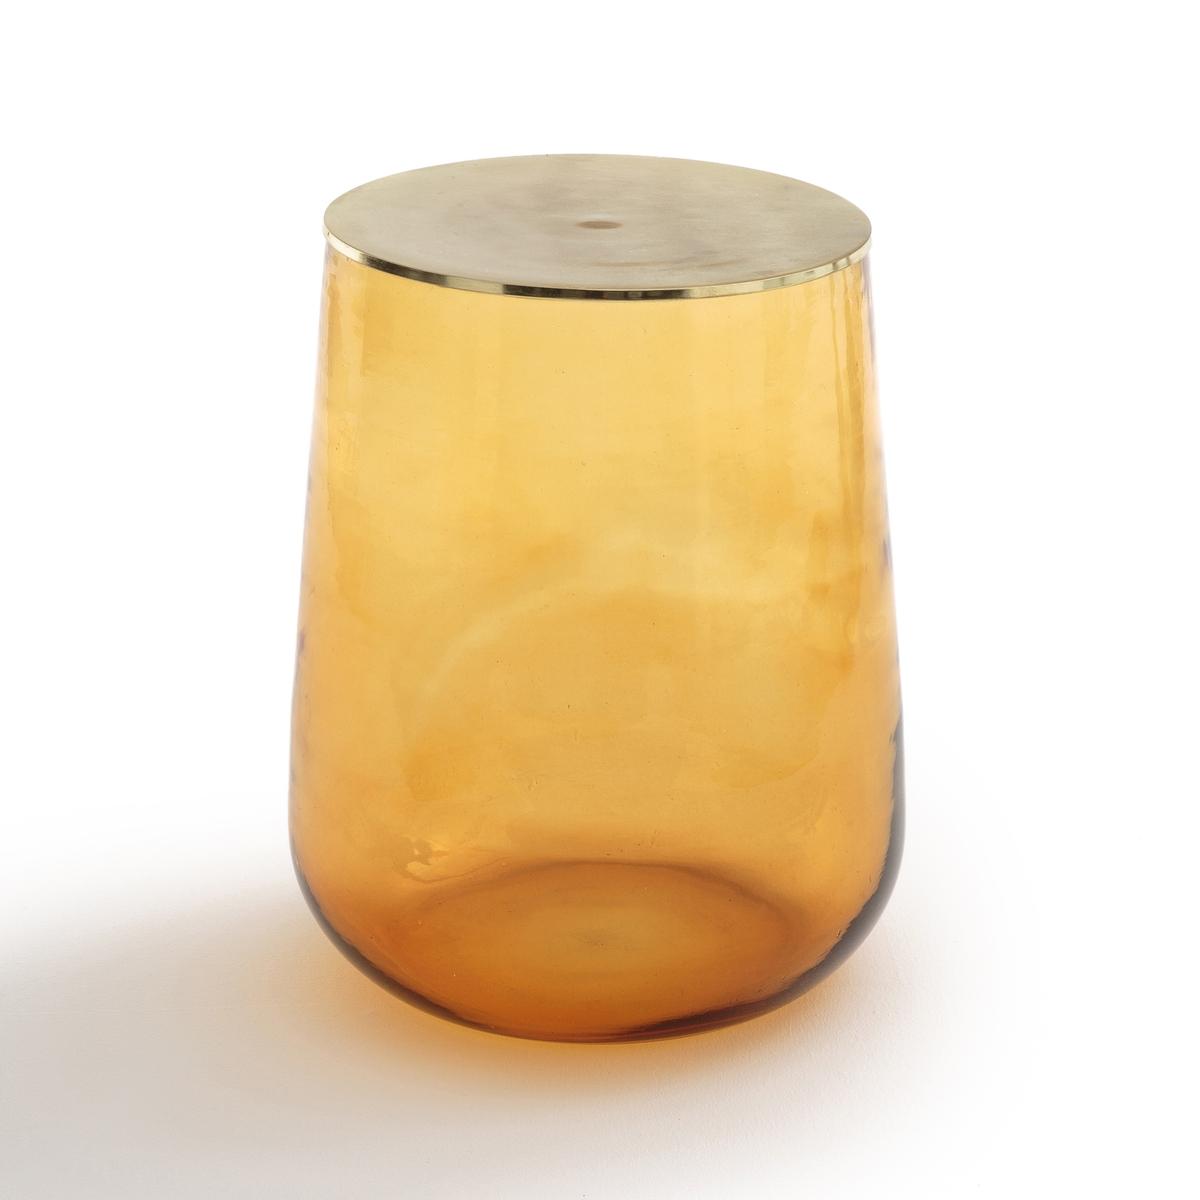 Столик журнальный из стекла, Conop?eЖурнальный столик  Conop?e. Легкий и воздушный столик внесет яркий штрих в интерьер гостиной. Верх может быть стеклянным или металлическим, на Ваш выбор. Столик также можно использовать как прикроватный. Ручное производство стекла, каждая модель уникальна.Описание : - Из крашеного стекла- Столешница из металлаРазмеры :- ? сверху 36, ? снизу (со стороны металлической пластины) 30,4 x В.45 смРазмеры и вес упаковки: - Ш.49 x В.61 x Г.49 см, 12,5 кг<br><br>Цвет: Свежая мята